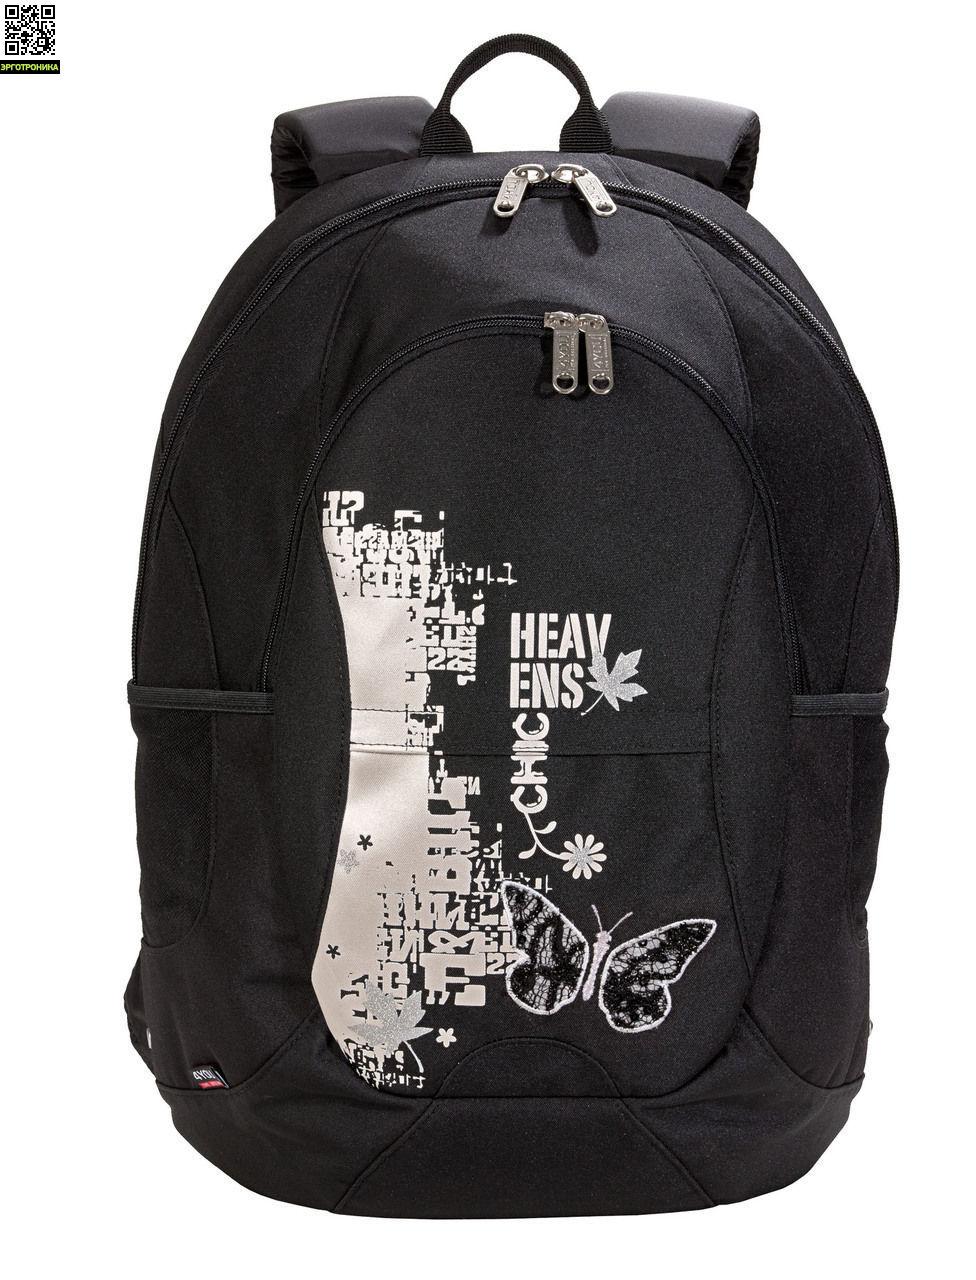 14006c1c4cdc Школьный рюкзак 4YOU Infinity (Вечерний шик) купить за 4500 рублей ...